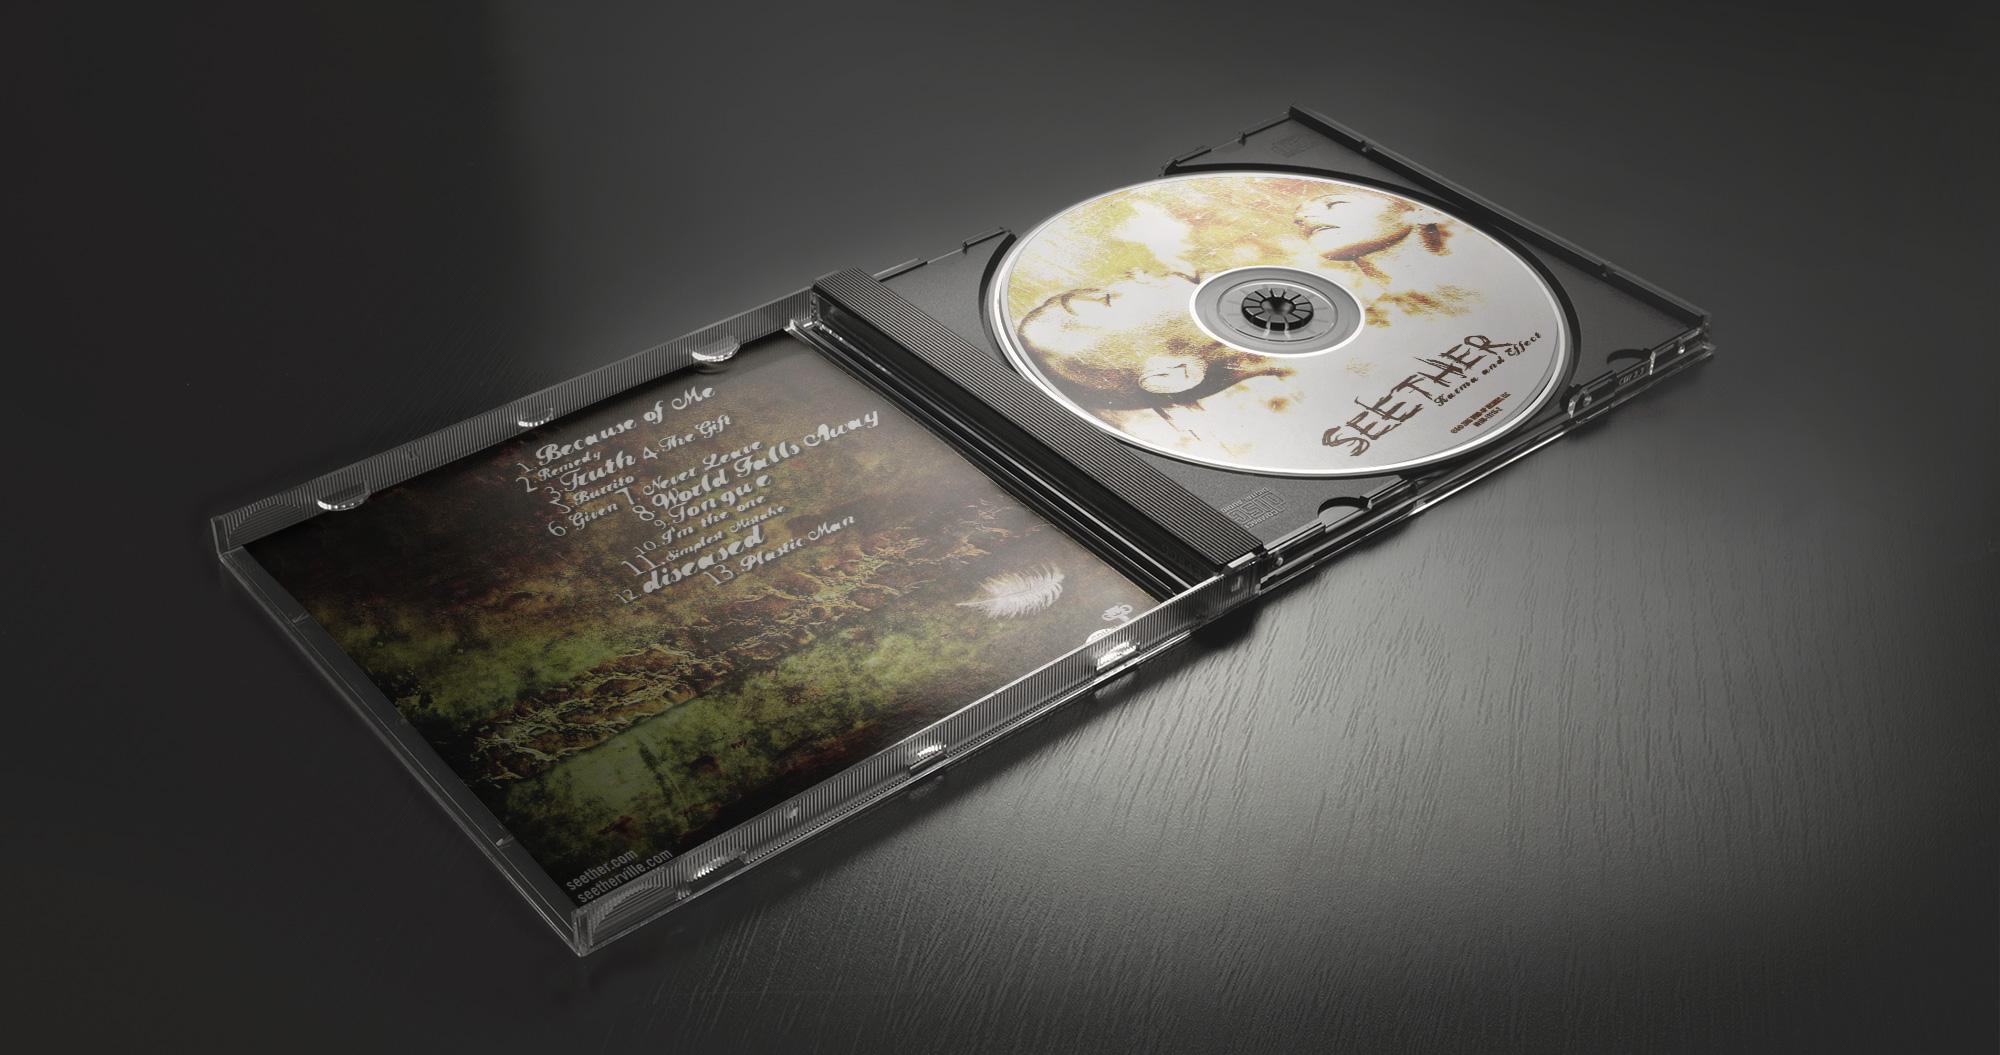 I designed the album cover for Seether's Karma & Effect album